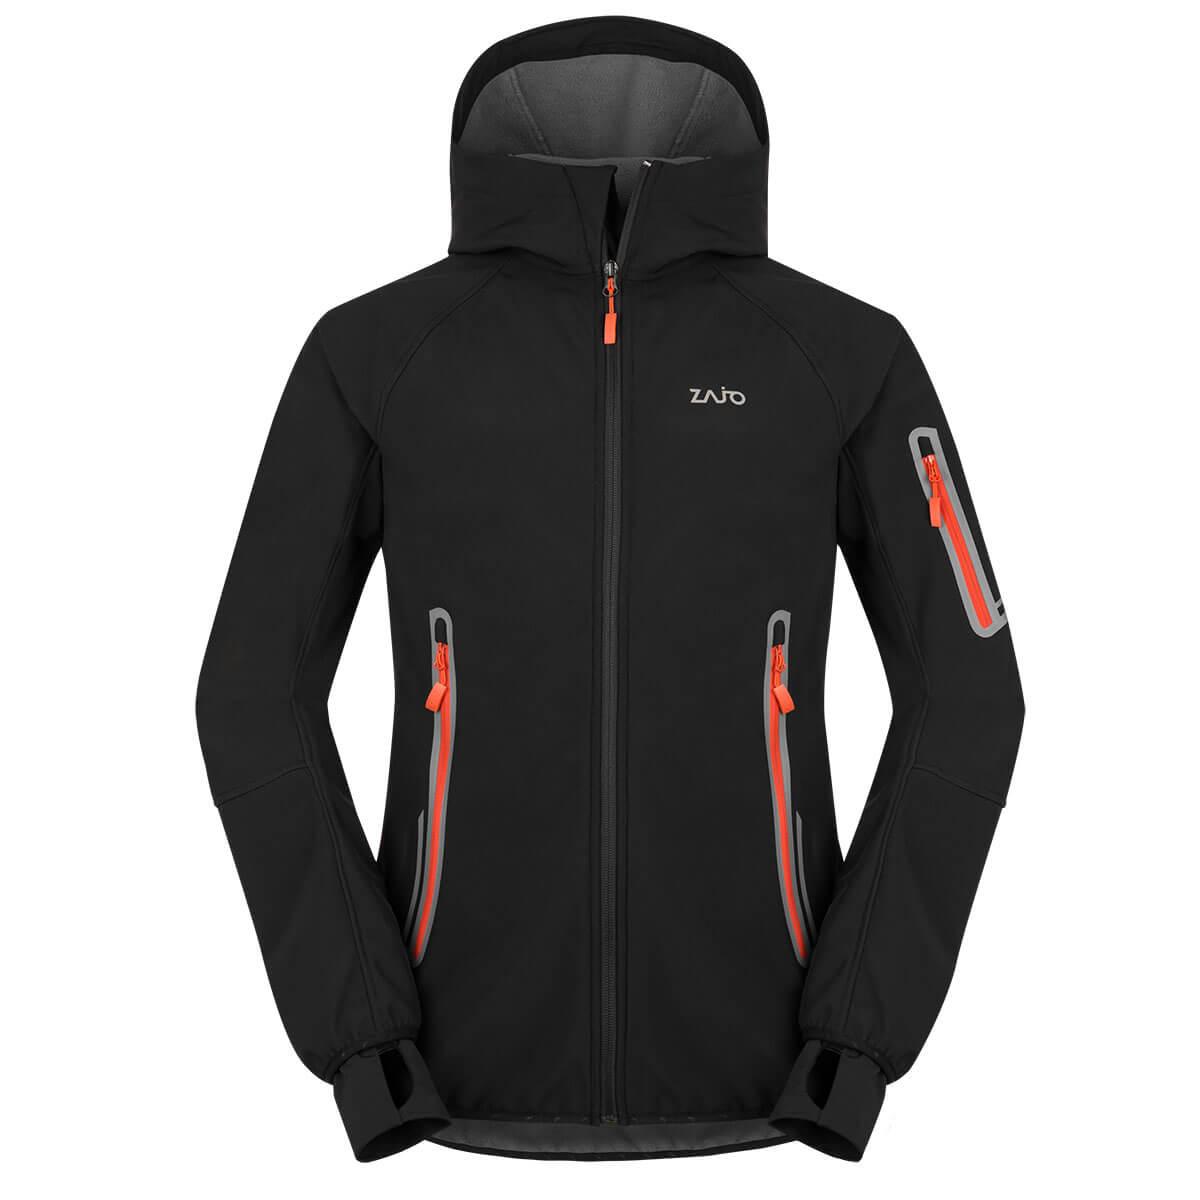 Pánska bunda Zajo Glacier Neo JKT Black - veľkosť XS